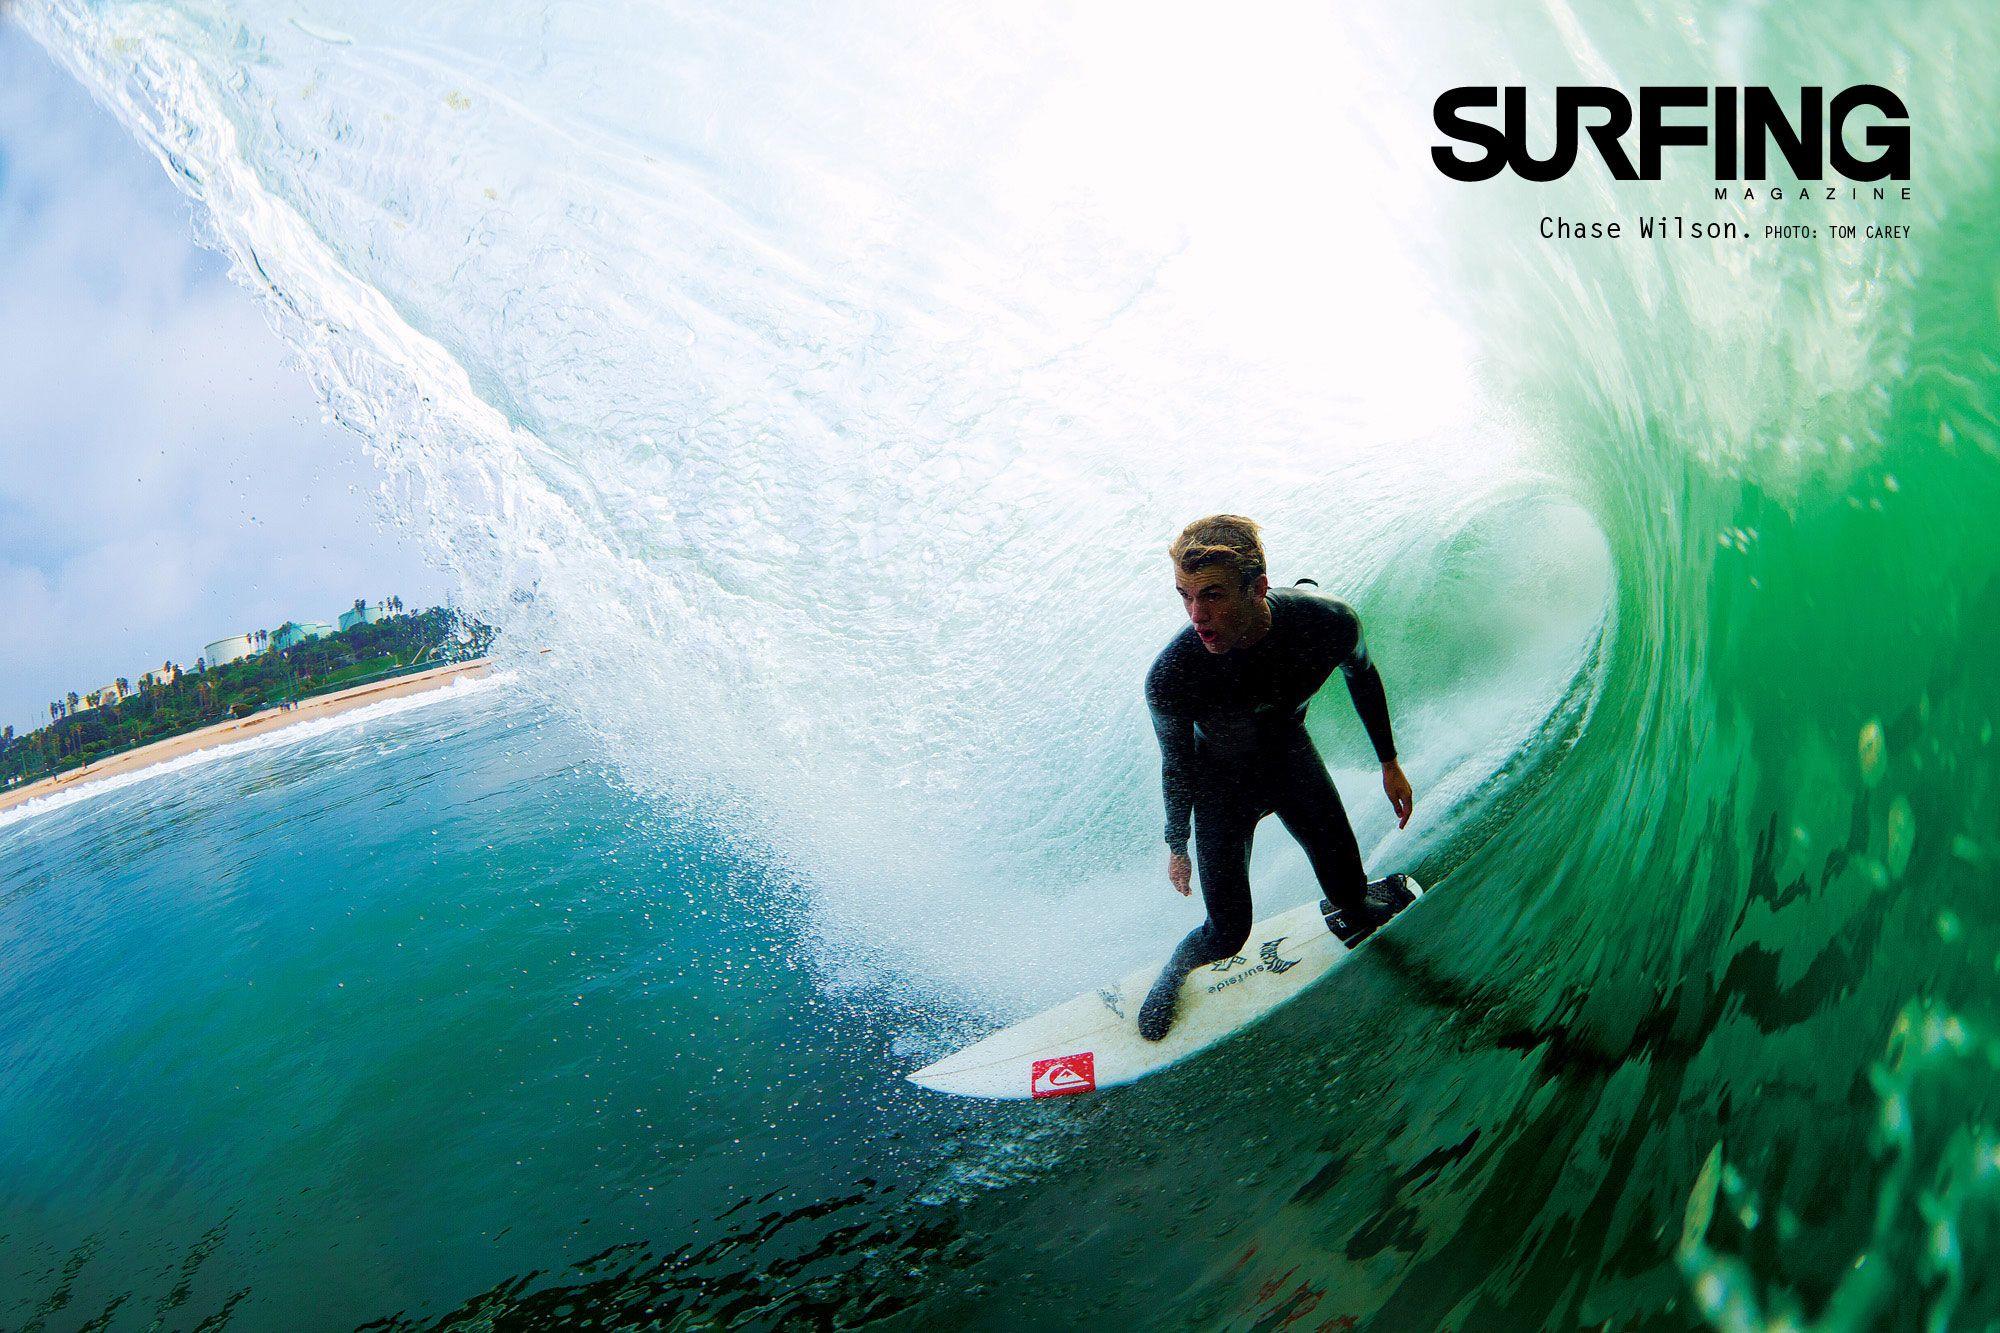 surfing mag | ... tom carey surfing magazine 610x406 SURFING Magazine May 2012 Wallpaper